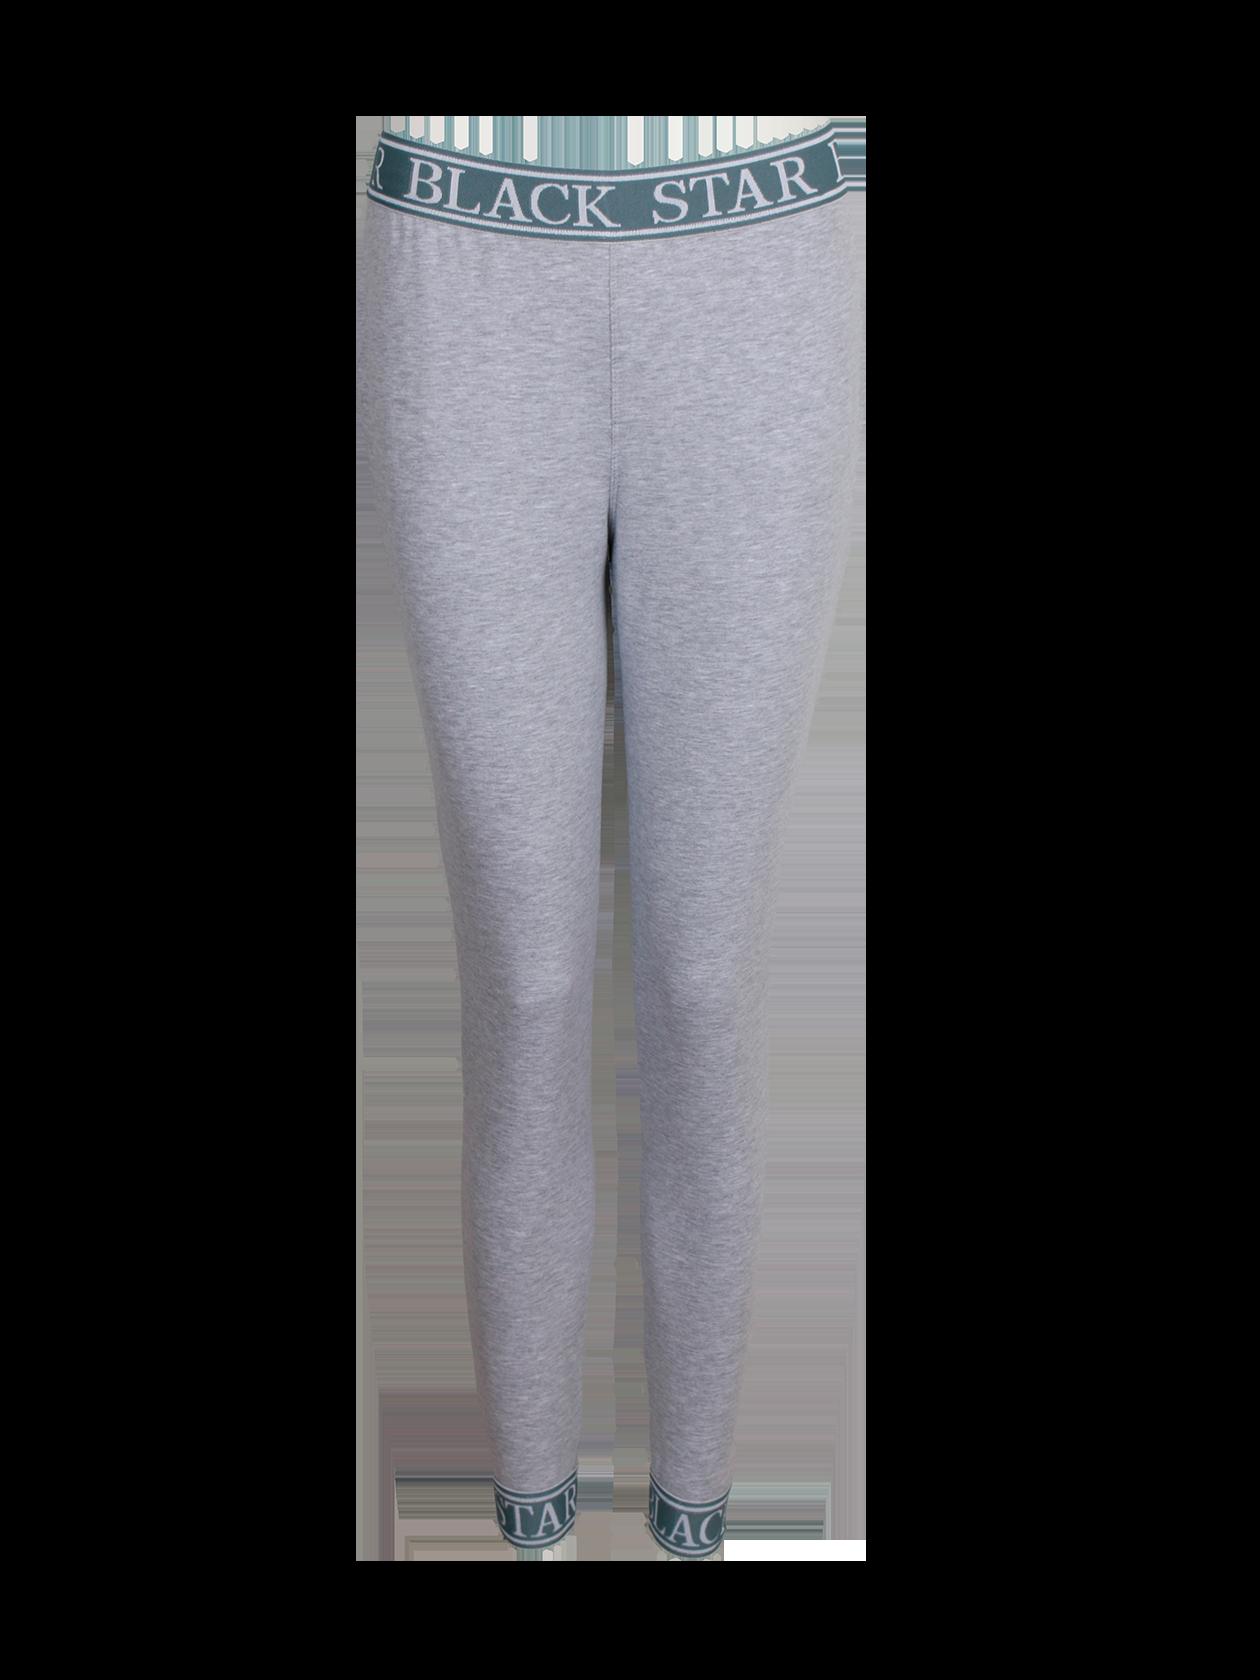 Брюки женские ROYALTY SPORTМодные брюки женские Royalty Sport – отличное решение для дополнения спортивного лука. Модель стильного дизайна, актуального в любом сезоне фасона с зауженным низом и небольшим припуском. Расцветка светло-серый меланж комбинируется с любым другим цветом одежды и обуви. Интересная фишка брюк – яркий пояс с надписью Black Star, выполненный из брендированной резинки. Аналогичное оформление имеет голенище. Изделие сшито из высококачественного хлопкового полотна.<br><br>Размер: M<br>Цвет: Серый меланж<br>Пол: Женский